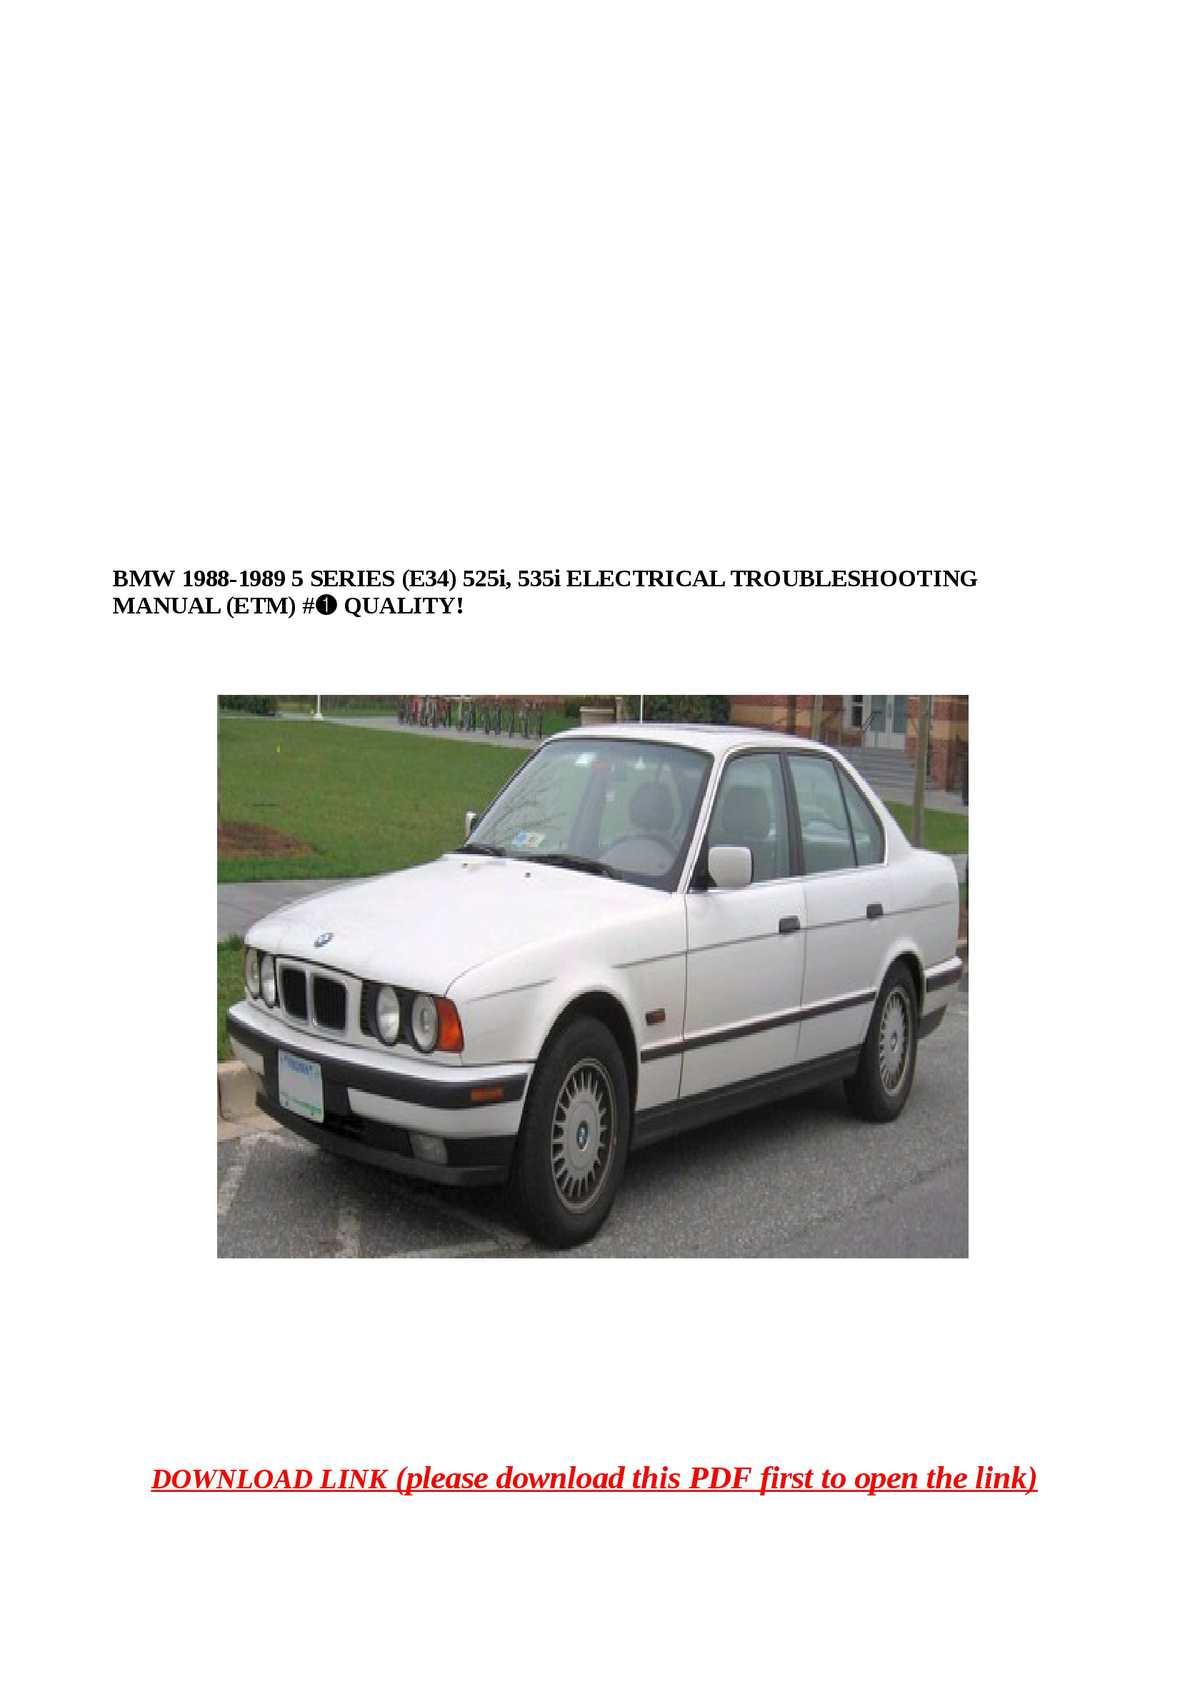 Calaméo - BMW 1988-1989 5 SERIES (E34) 525i, 535i ELECTRICA